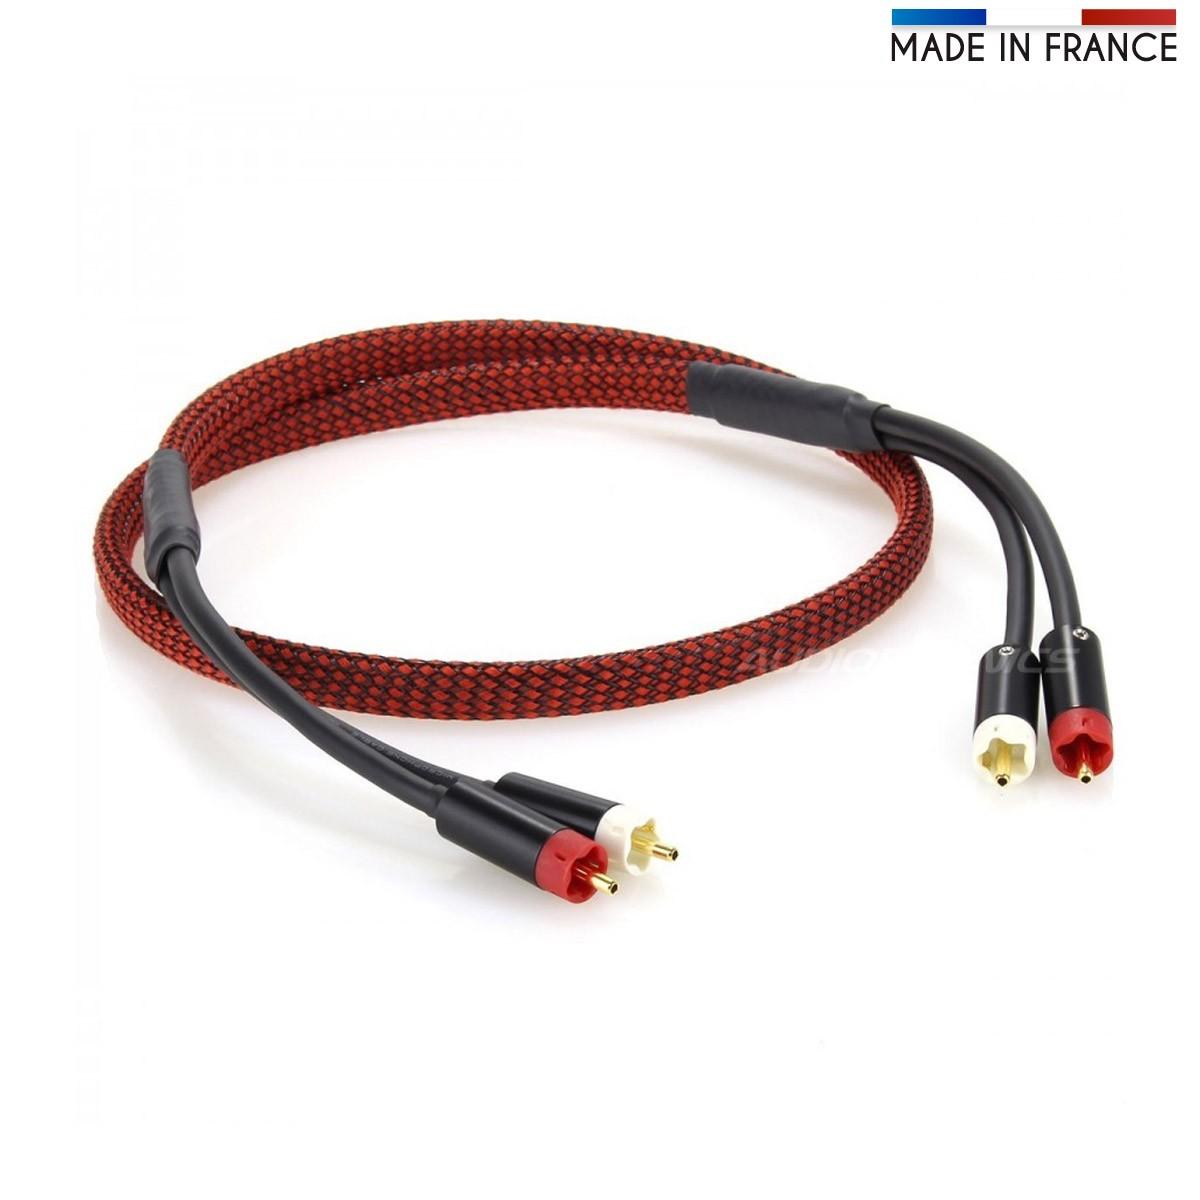 AUDIOPHONICS MOGAMI 2549 Câble de Modulation Stéréo RCA Cuivre Tellurium 1.2m